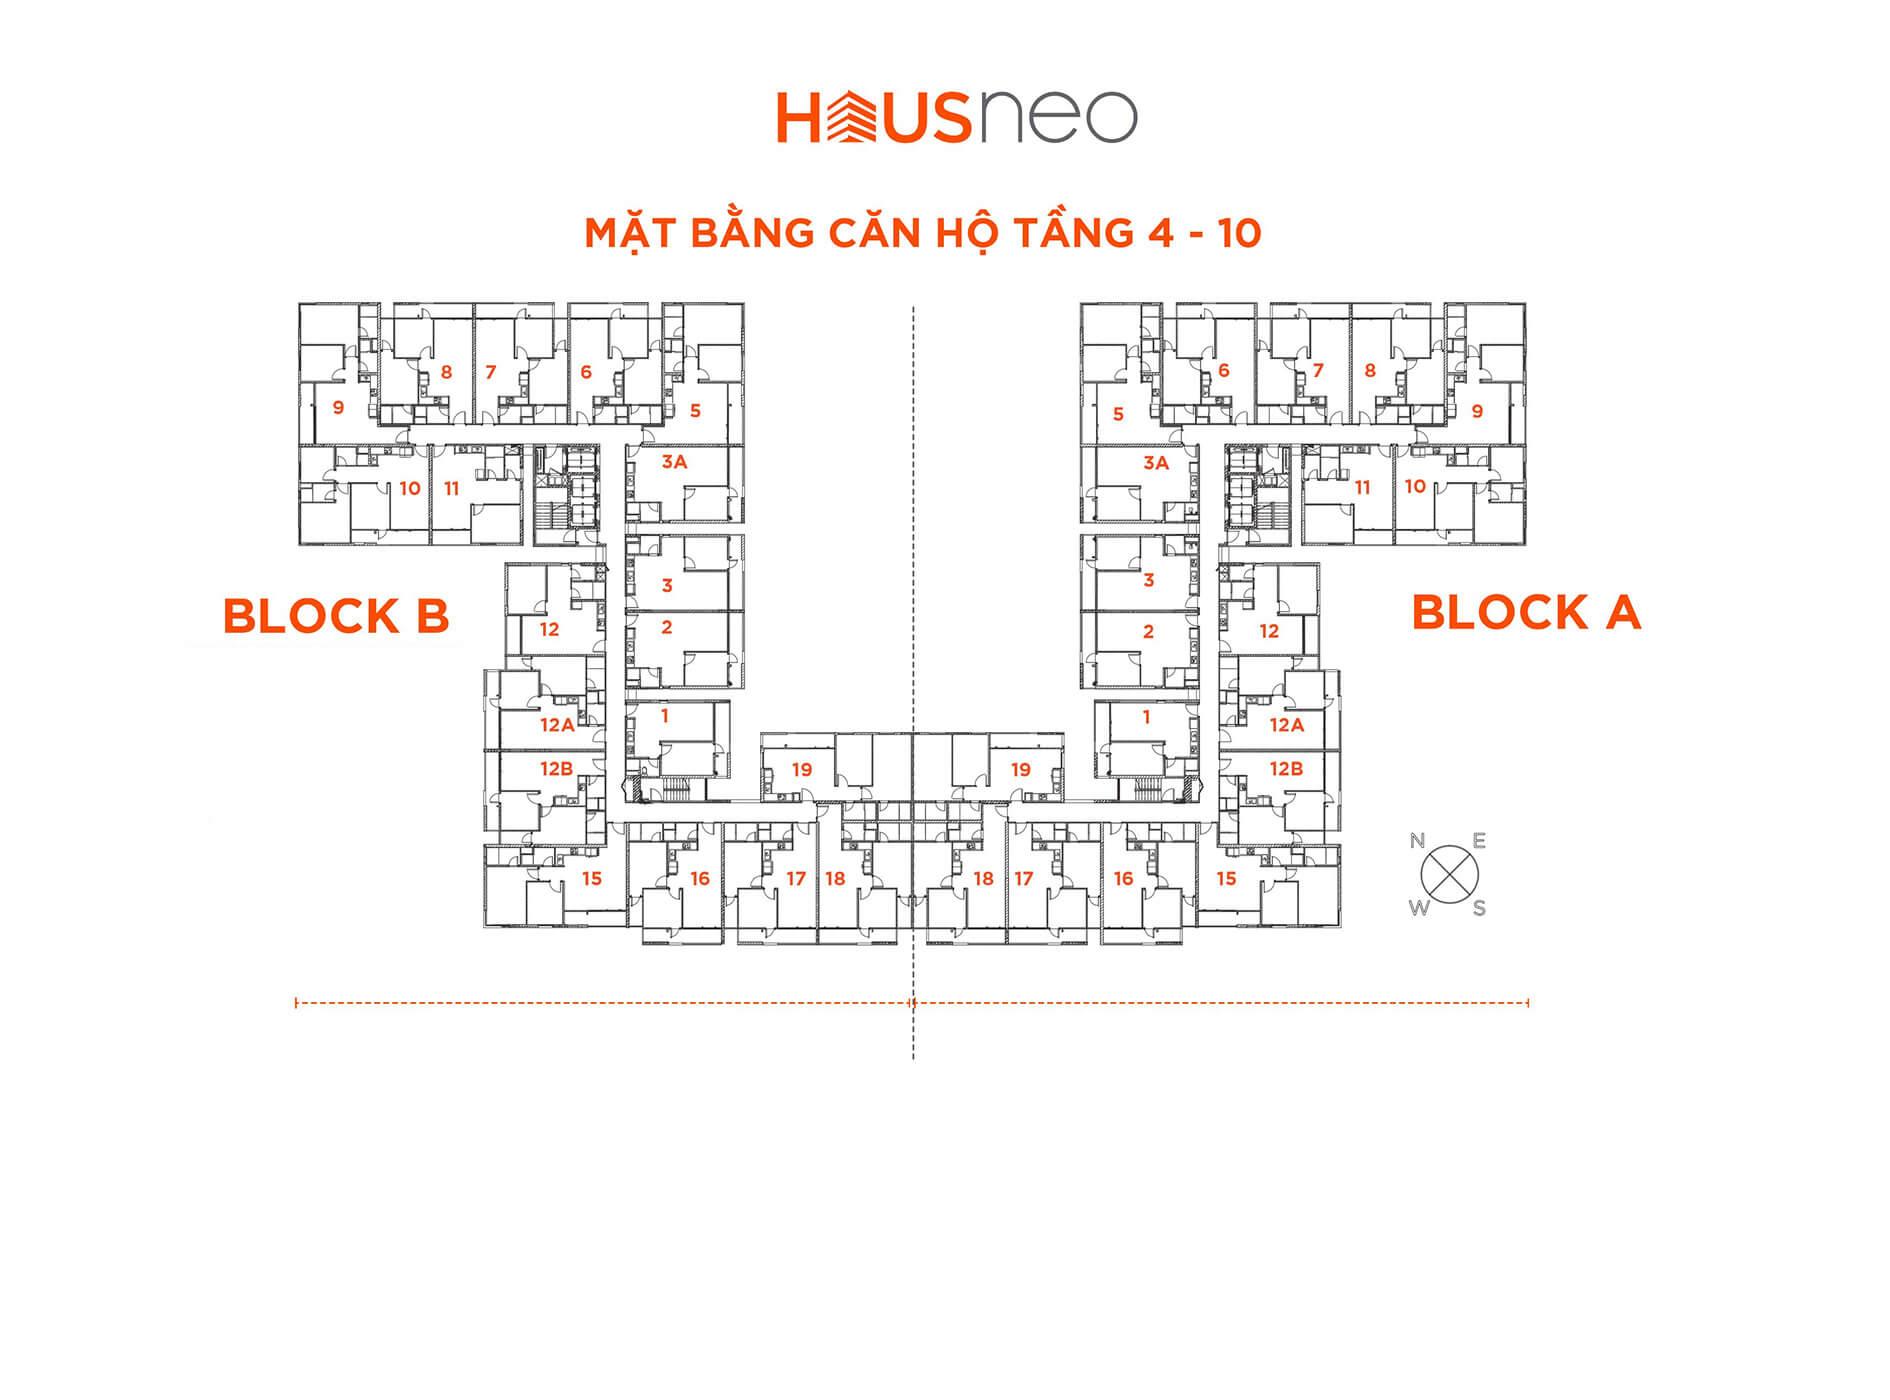 Mặt bằng căn hộ tầng 4 -10 - dự án Hausneo quận-9